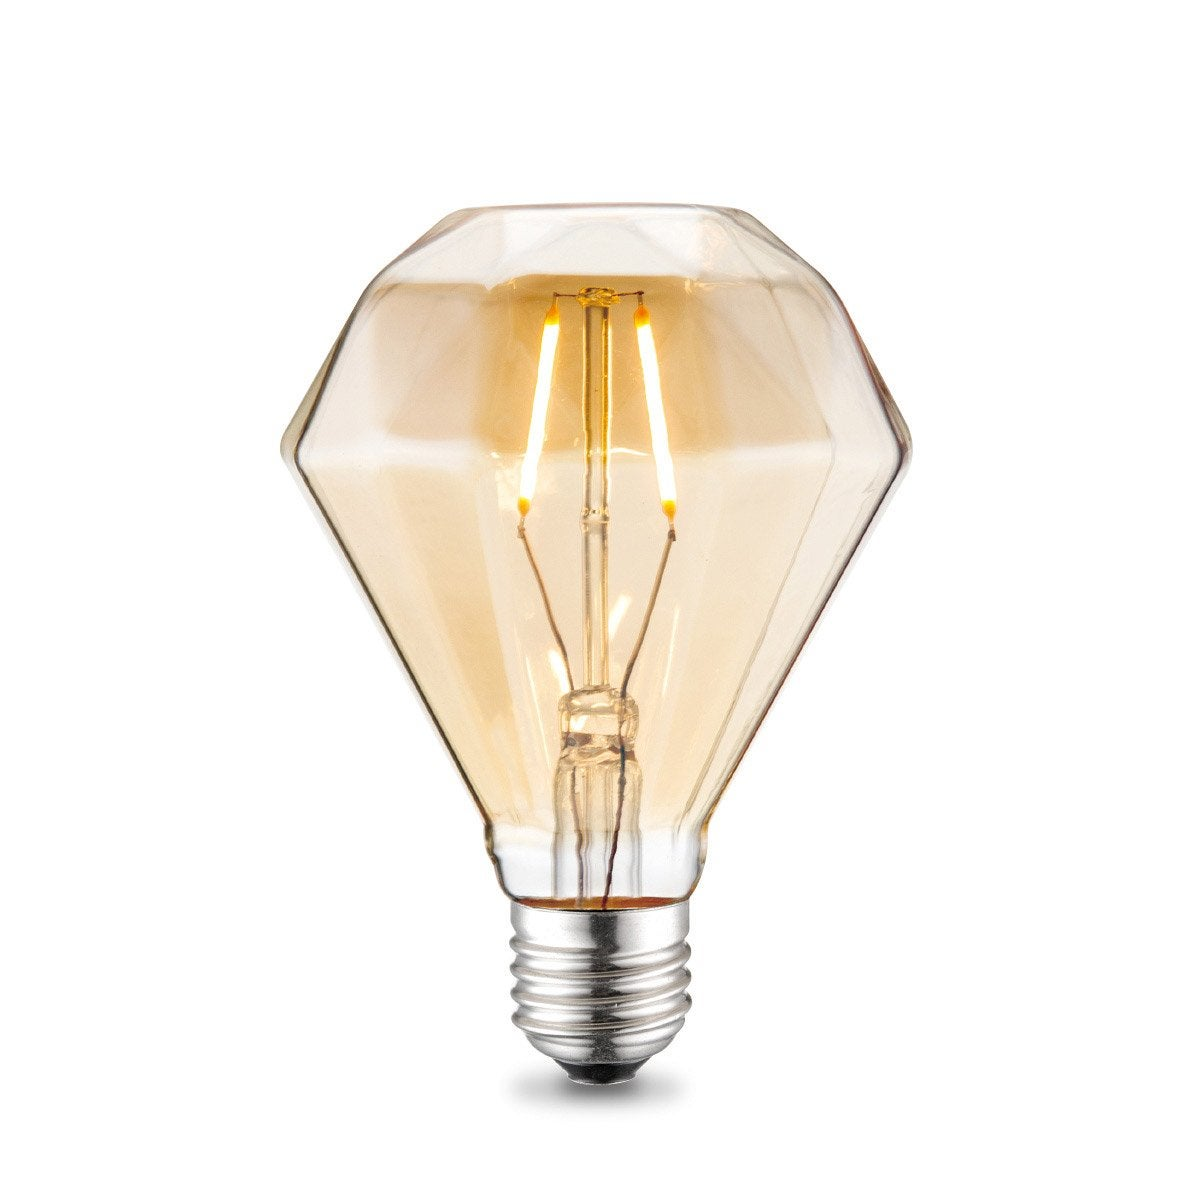 ampoule led d corative diamant ambr e 2w 160lm quiv. Black Bedroom Furniture Sets. Home Design Ideas